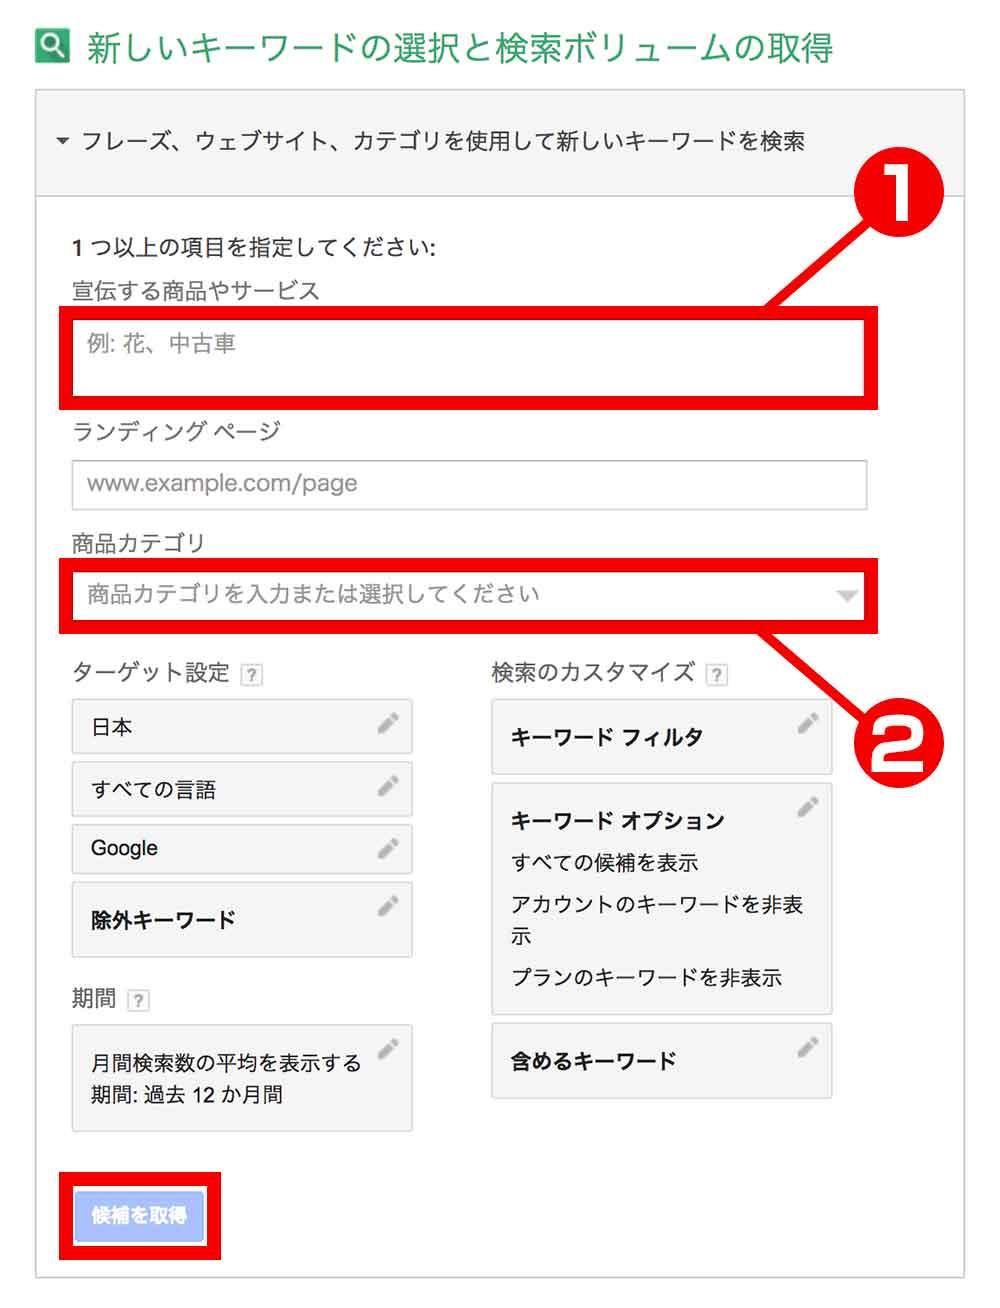 検索キーワードの入力画面